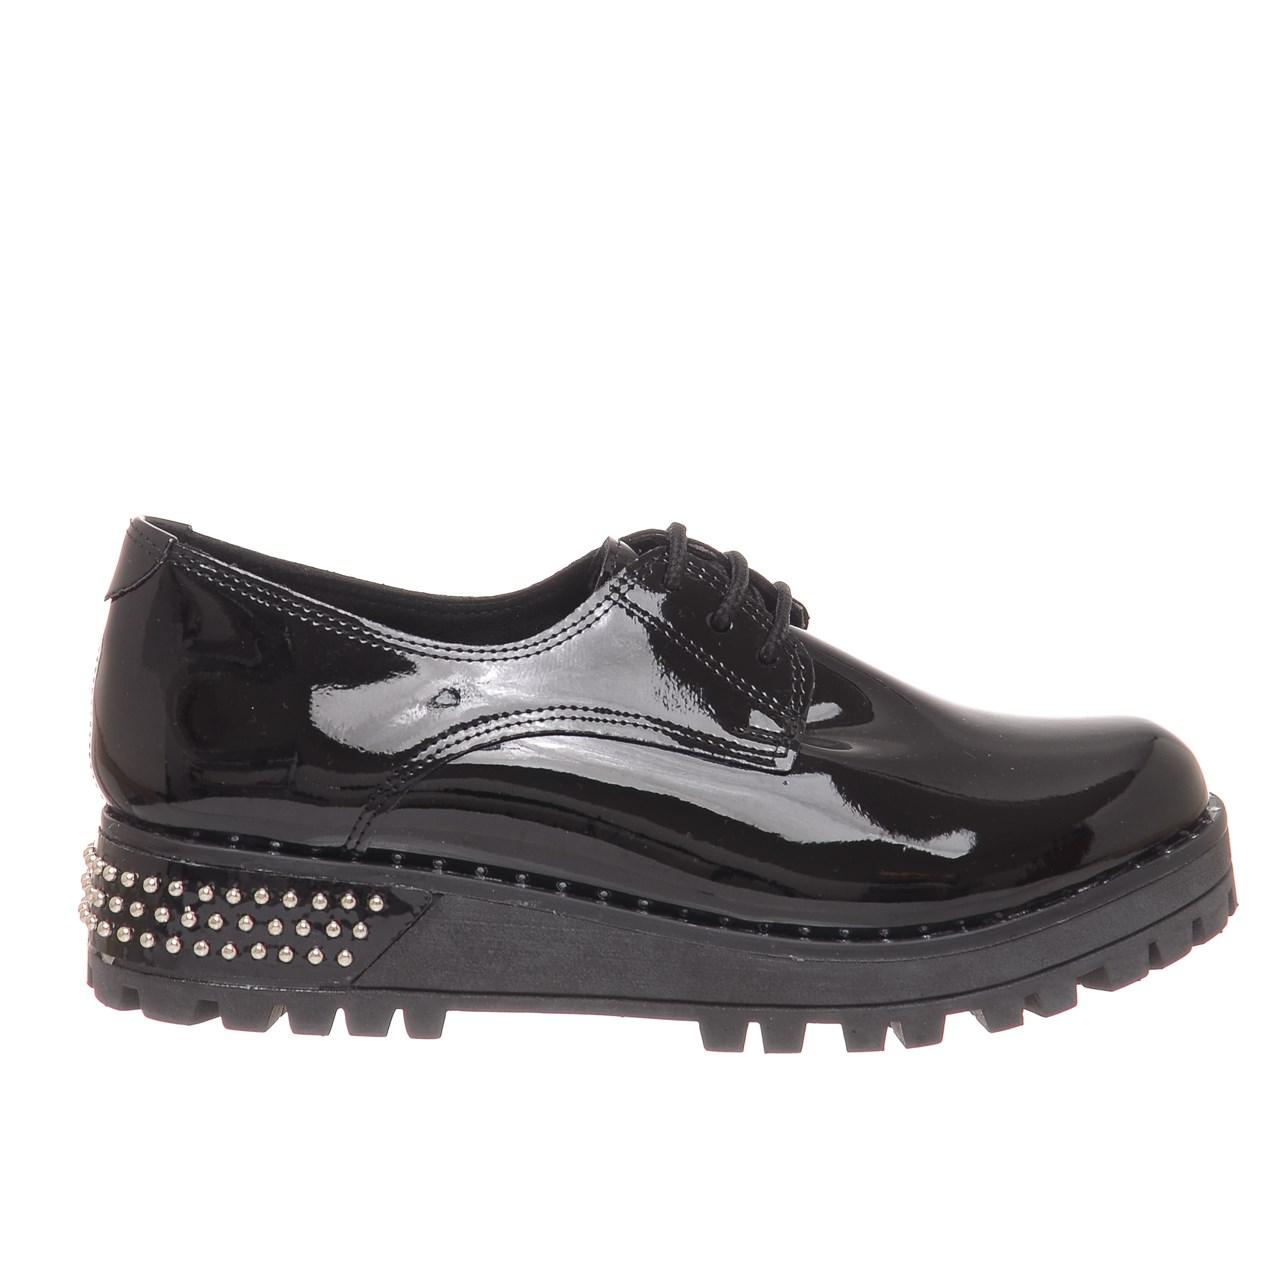 Mujer Heben Zapatos Acordonadas Nueva Botas Abotinados Temporada pnSOSZqW